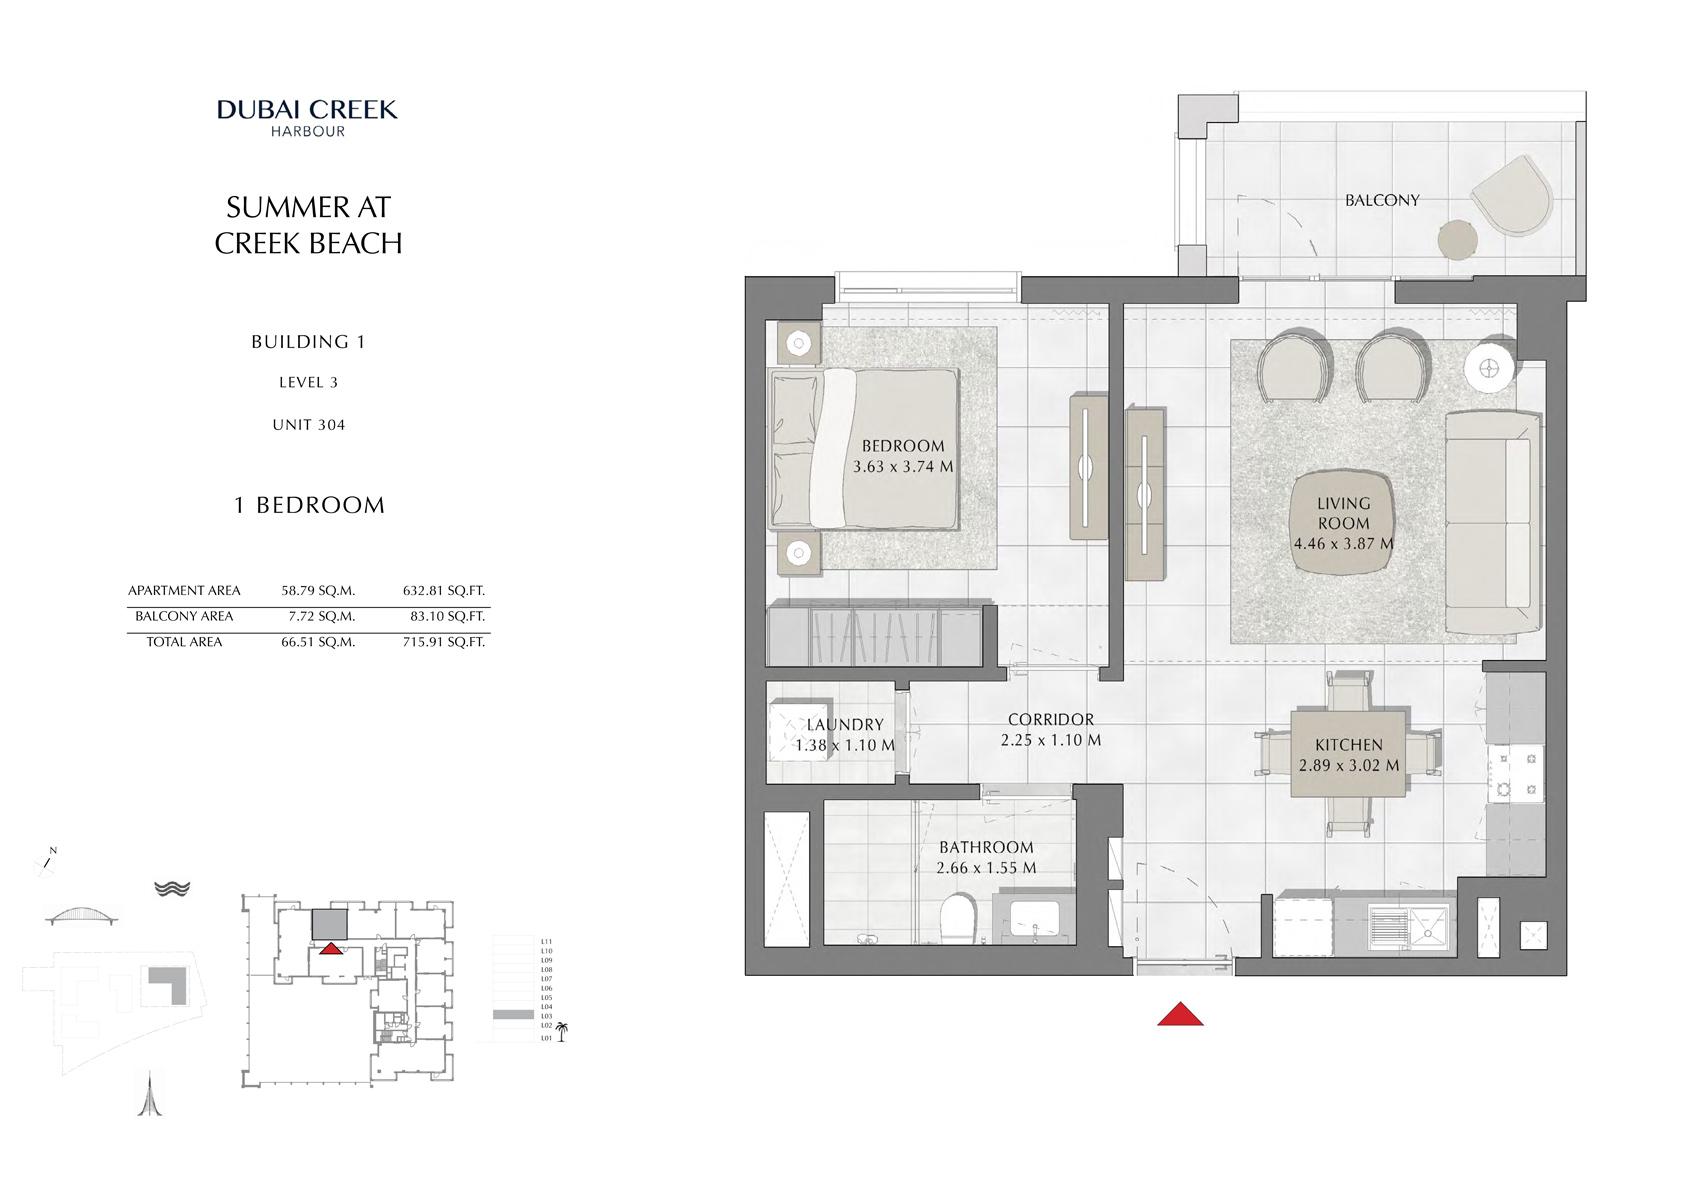 1 Br Building 1 Level 3 Unit 304, Size 715 Sq FT